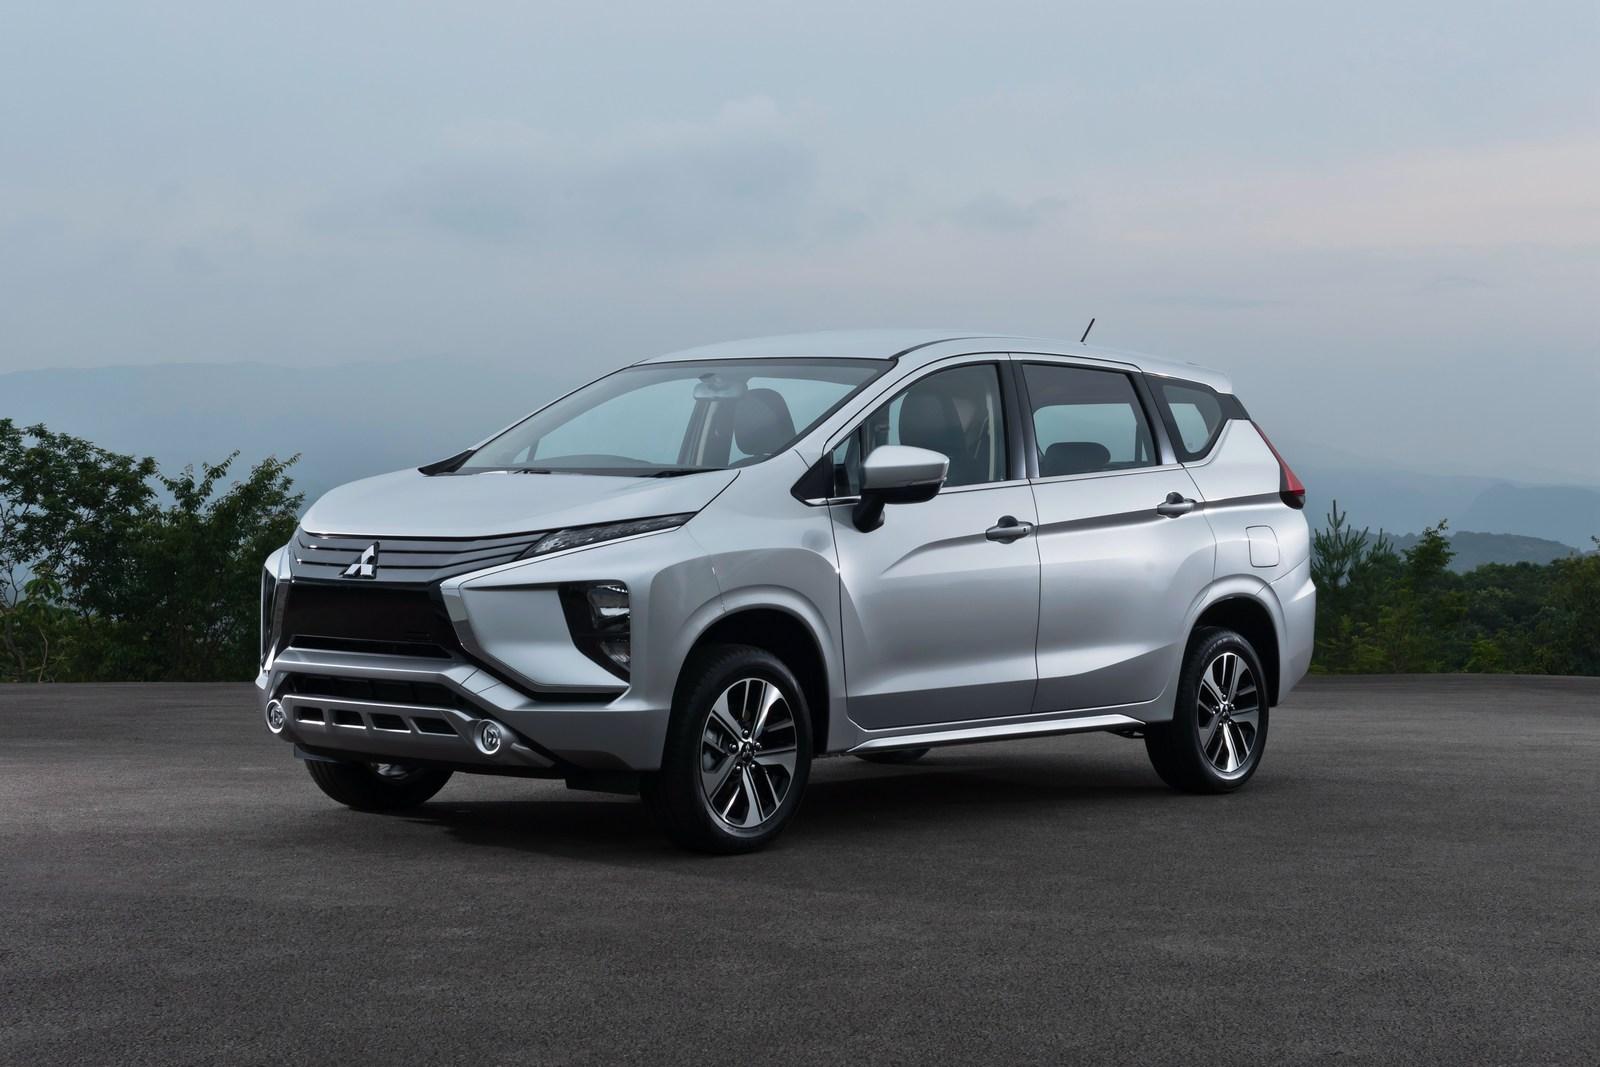 2018_Mitsubishi_Xpander_03